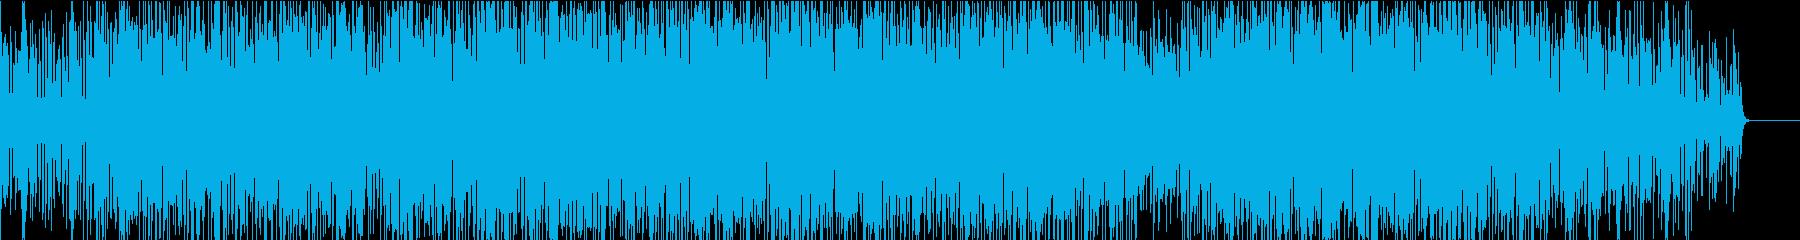 【夏】常夏の島のバカンスでのんびりチルの再生済みの波形